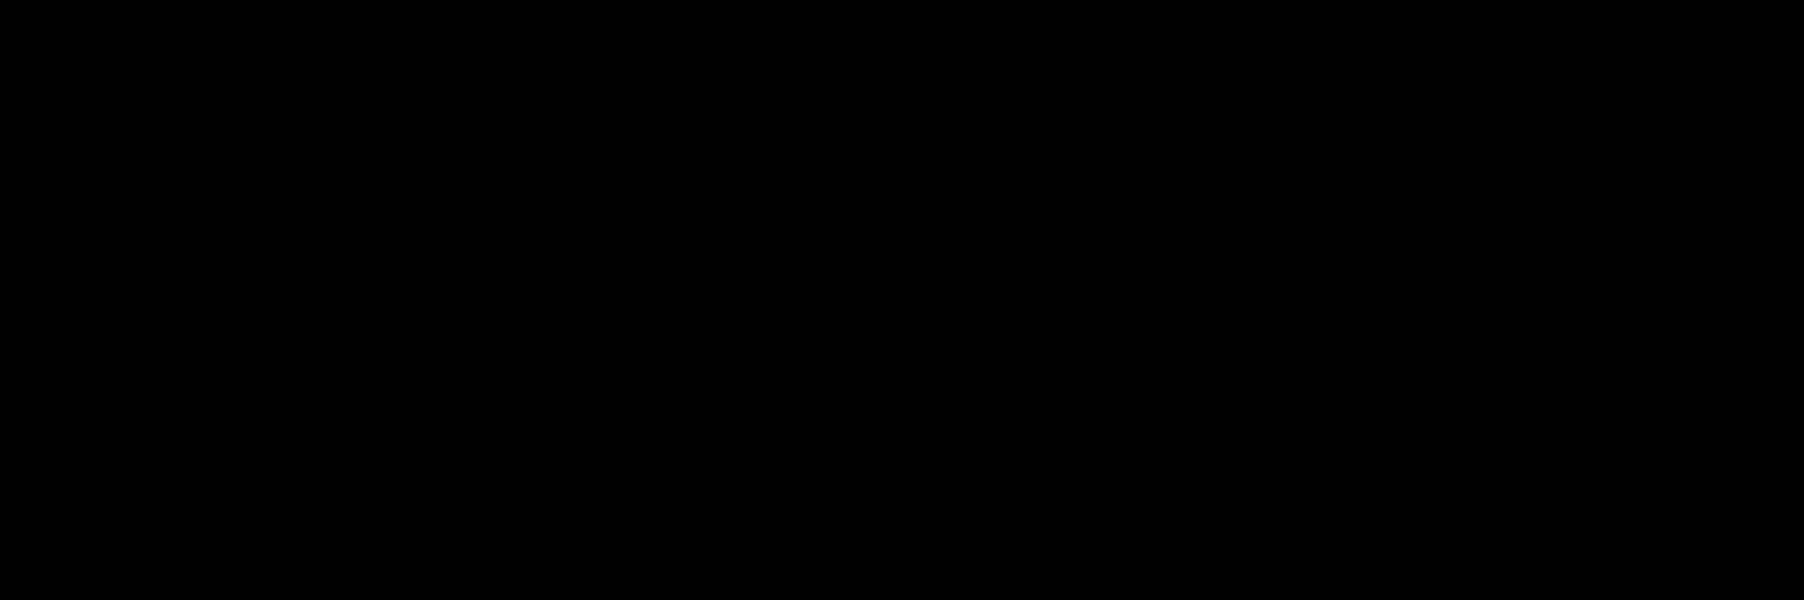 Symbole Waschen, 60 Grad, Schontrocknen